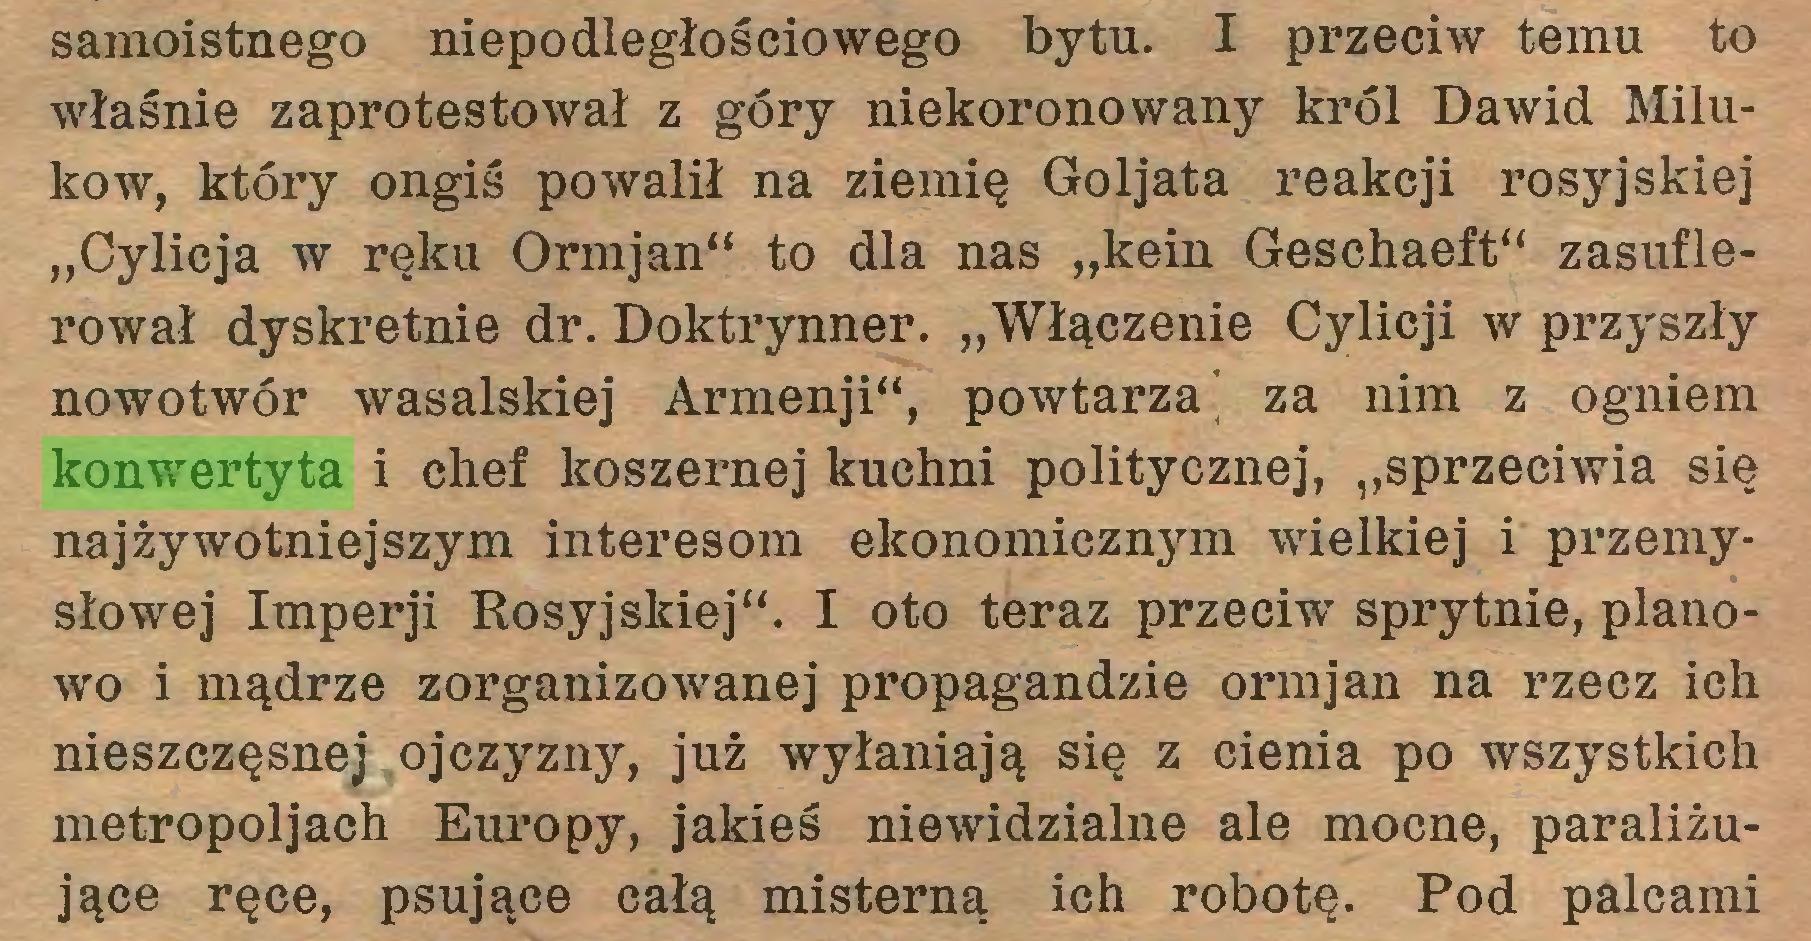 """(...) samoistnego niepodległościowego bytu. I przeciw temu to właśnie zaprotestował z góry niekoronowany król Dawid Milukow, który ongiś powalił na ziemię Goljata reakcji rosyjskiej """"Cylicja w ręku Ormjan"""" to dla nas """"kein Geschaeft"""" zasuflerował dyskretnie dr. Doktrynner. """"Włączenie Cylicji w przyszły nowotwór wasalskiej Armenji"""", powtarza' za nim z ogniem konwertyta i chef koszernej kuchni politycznej, """"sprzeciwia się najżywotniejszym interesom ekonomicznym wielkiej i przemysłowej Imperji Rosyjskiej"""". I oto teraz przeciw sprytnie, planowo i mądrze zorganizowanej propagandzie ormjan na rzecz ich nieszczęsnej ojczyzny, już wyłaniają się z cienia po wszystkich metropoljach Europy, jakieś niewidzialne ale mocne, paraliżujące ręce, psujące całą misterną ich robotę. Pod palcami..."""